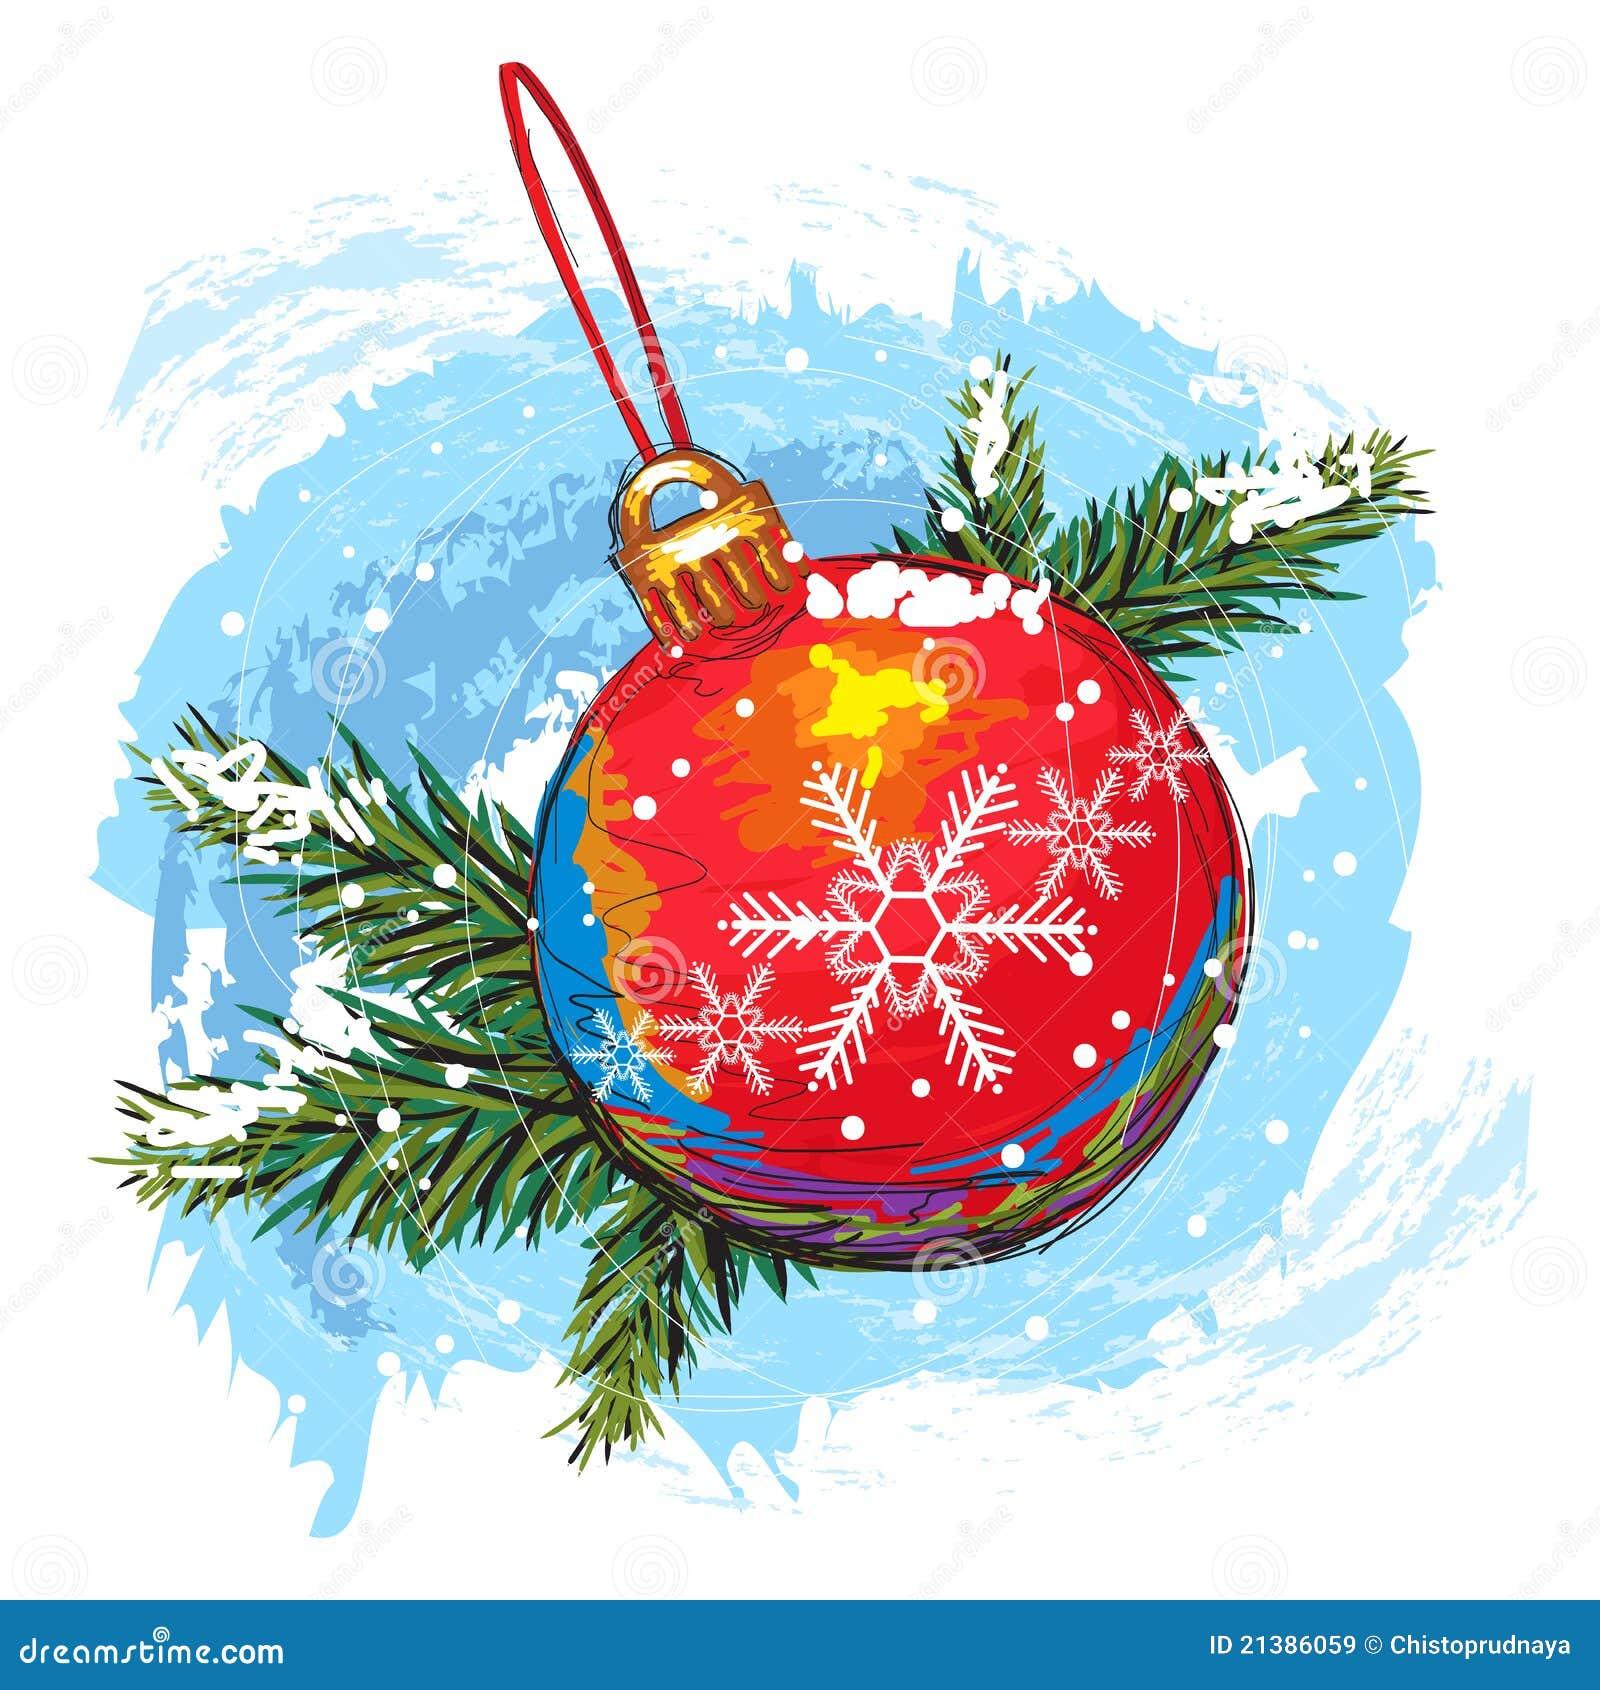 Weihnachtskugel vektor abbildung bild von bunt aufbau for Weihnachtskugeln bilder